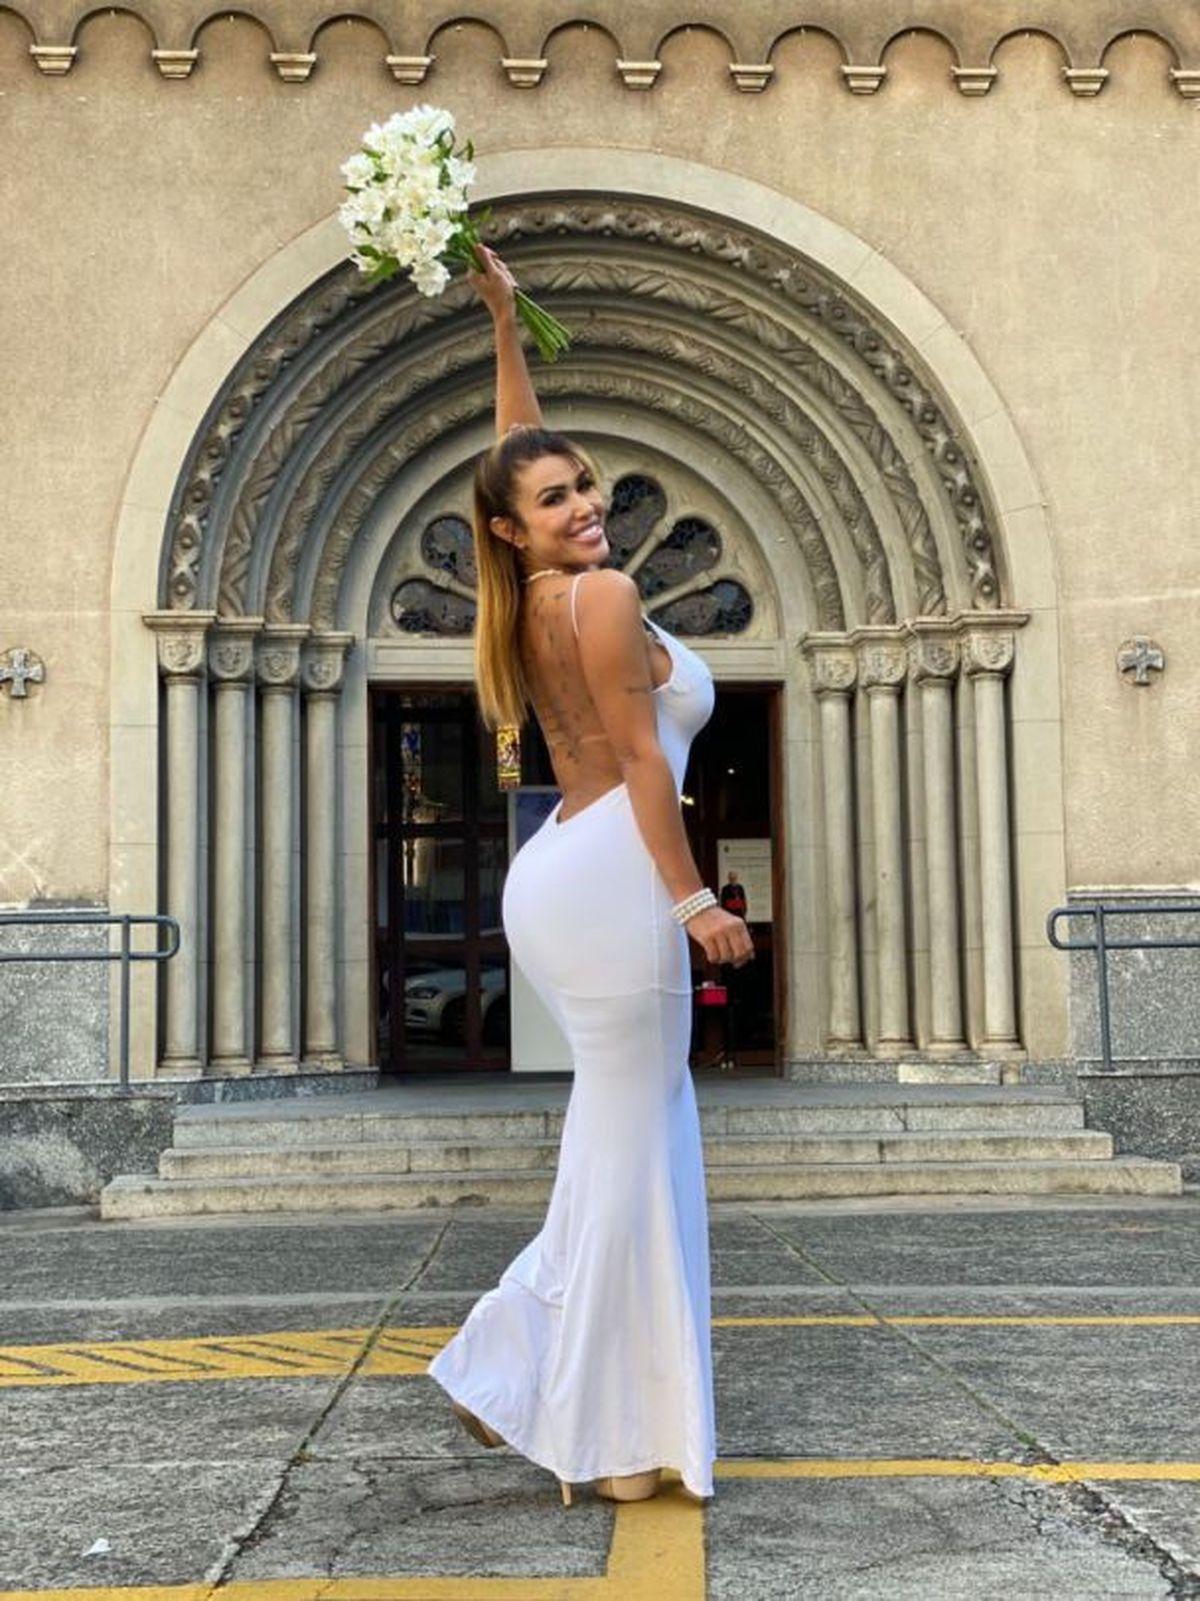 У Бразилії жінка вийшла за себе заміж і незабаром вирушить у медовий місяць